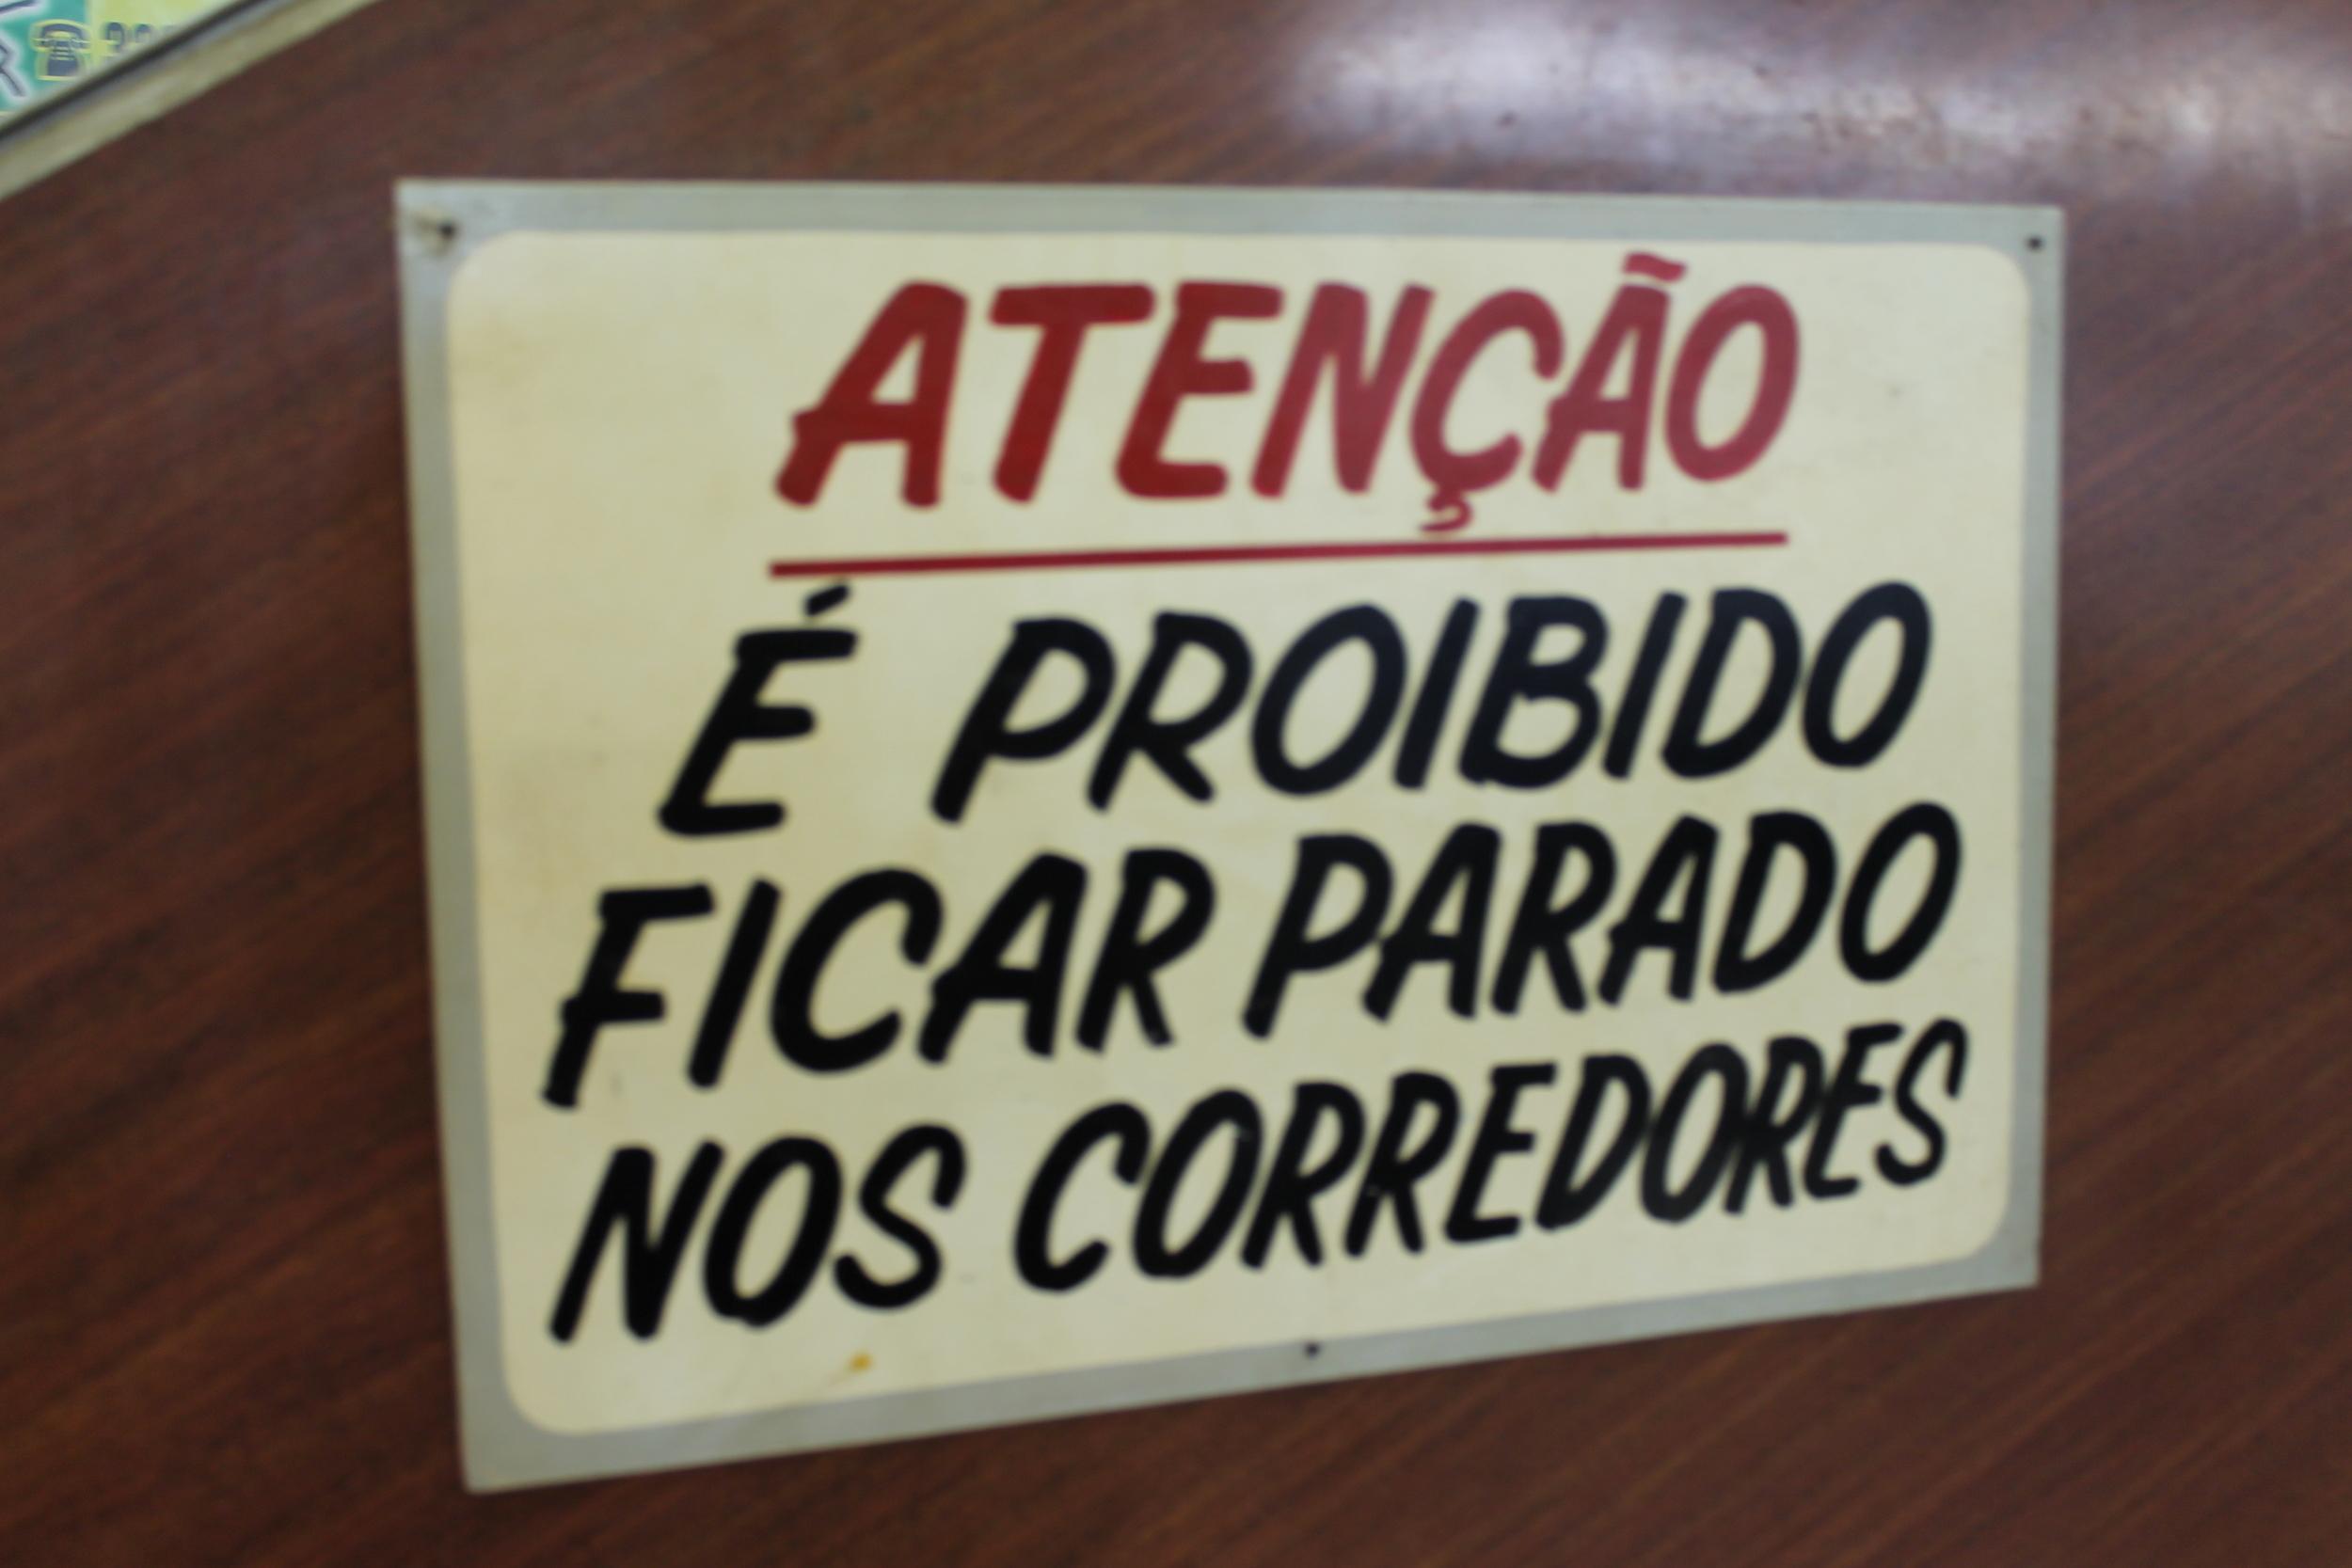 Essa placa fica na Galeria do Presidente (conhecida como Galeria do Reggae) em São Paulo. O lugar que tem lojas e restaurantes, aberto como espaço público proíbe as pessoas de ficarem paradas no corredor. Como é que é possível olhar as vitrines, então? E como um espaço público pode ser proibido a circulação?